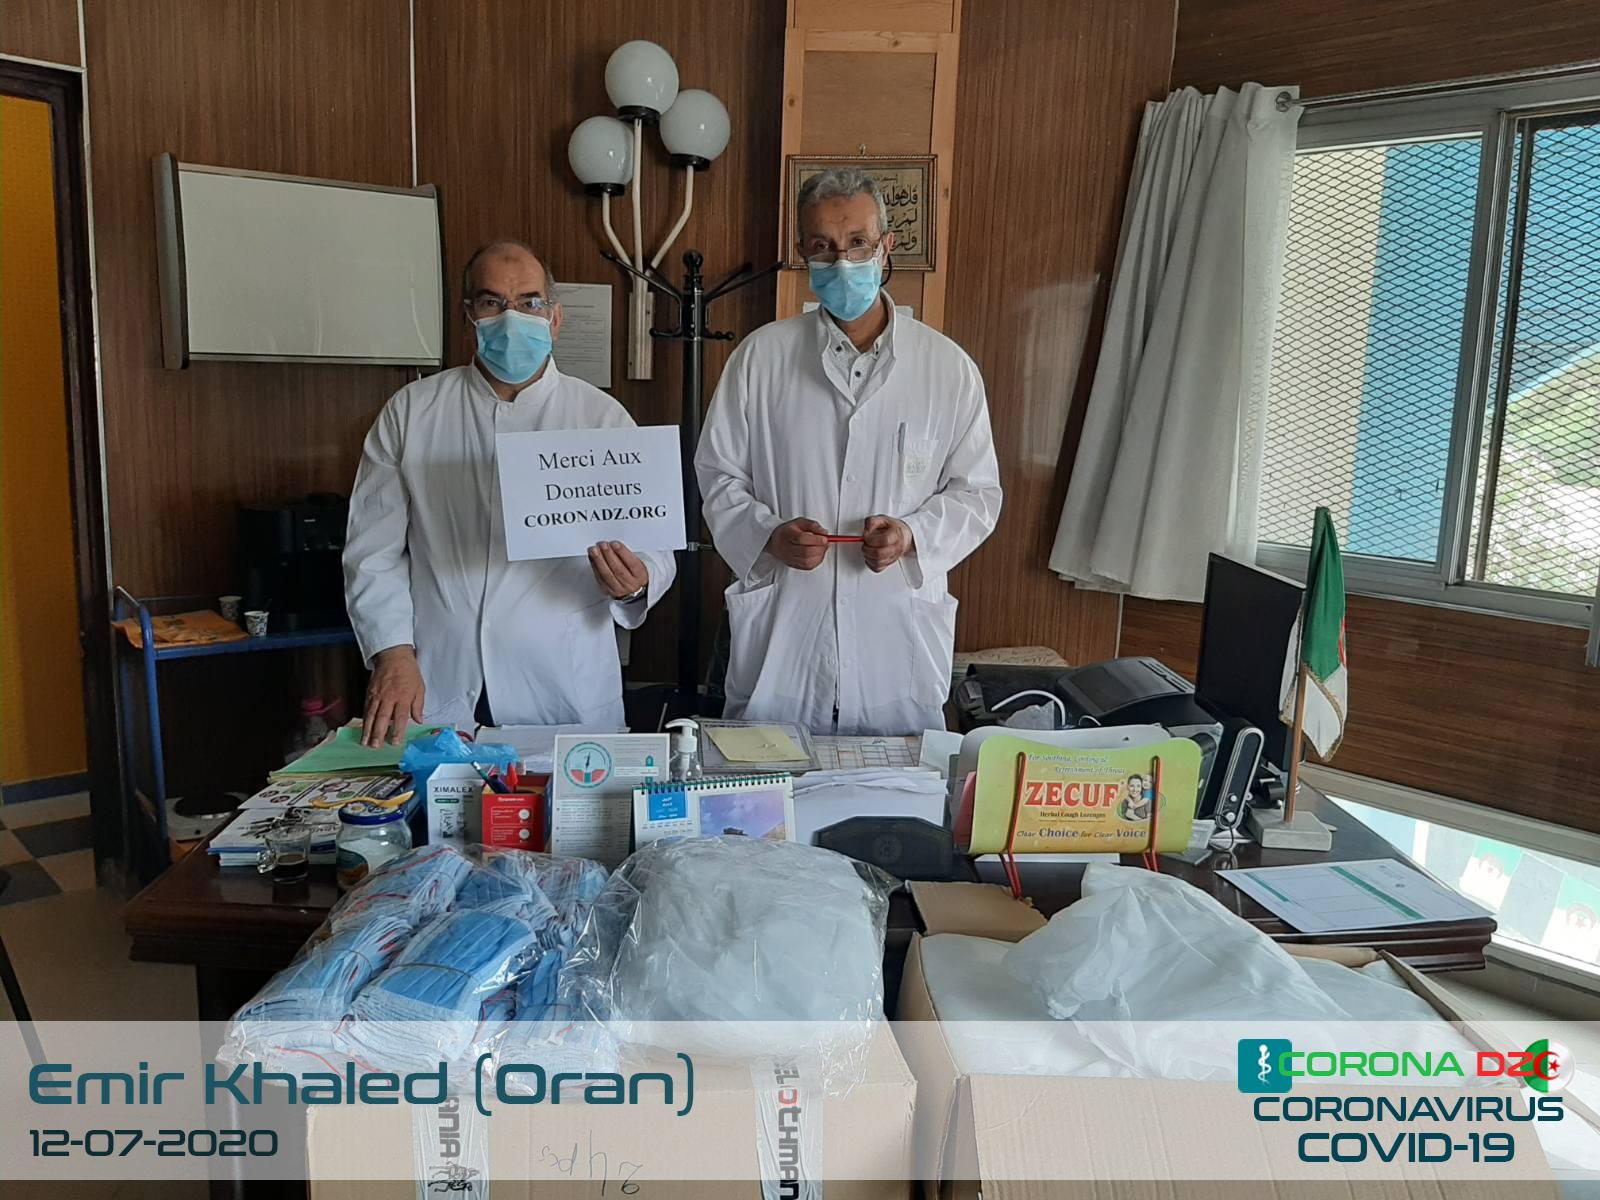 oran l unite polyclinique emir khaled